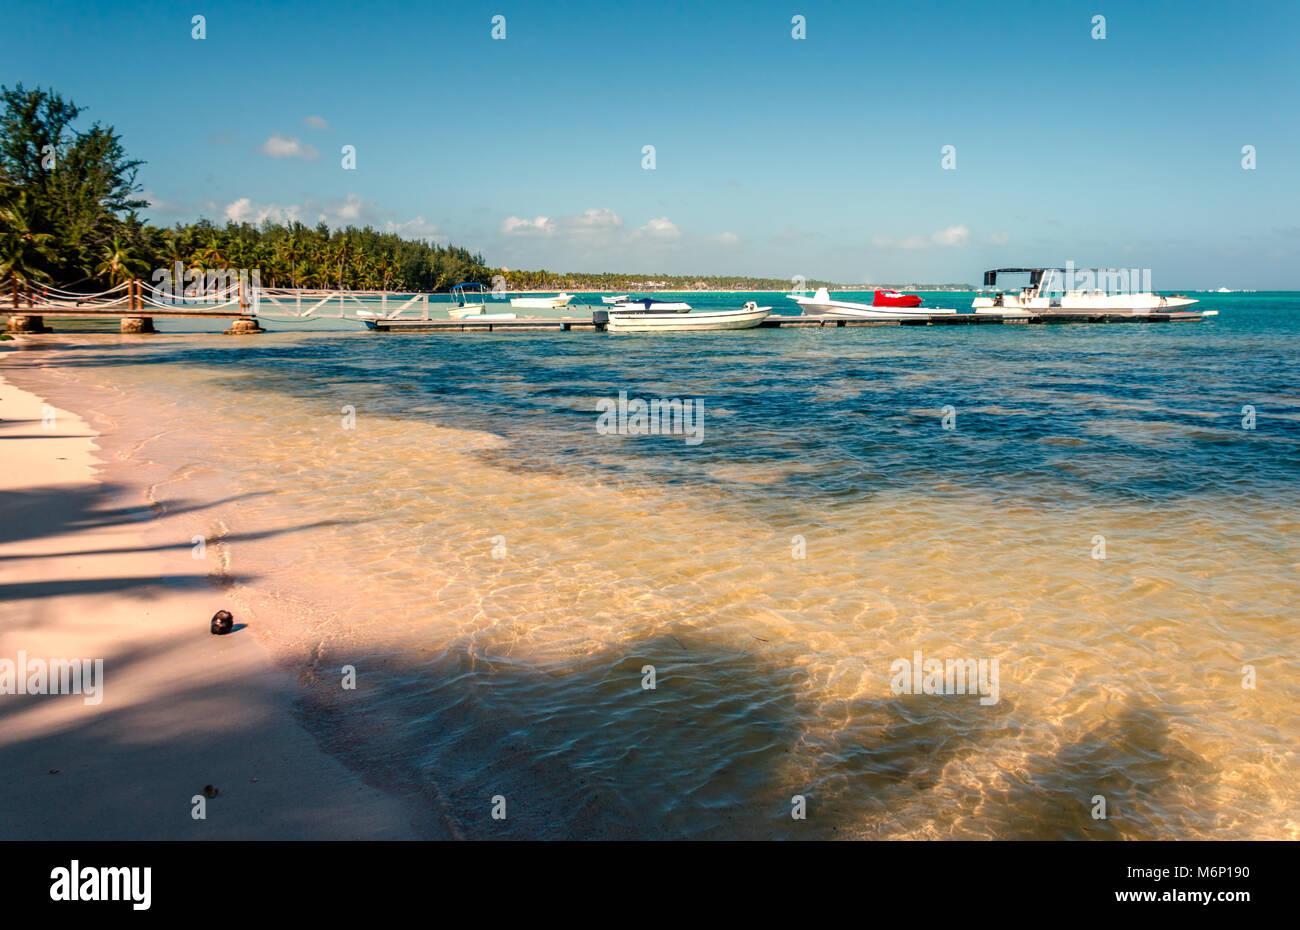 Une plage tropicale avec de l'eau océan clair, la noix de coco sur la perchaude, une jetée avec des Photo Stock